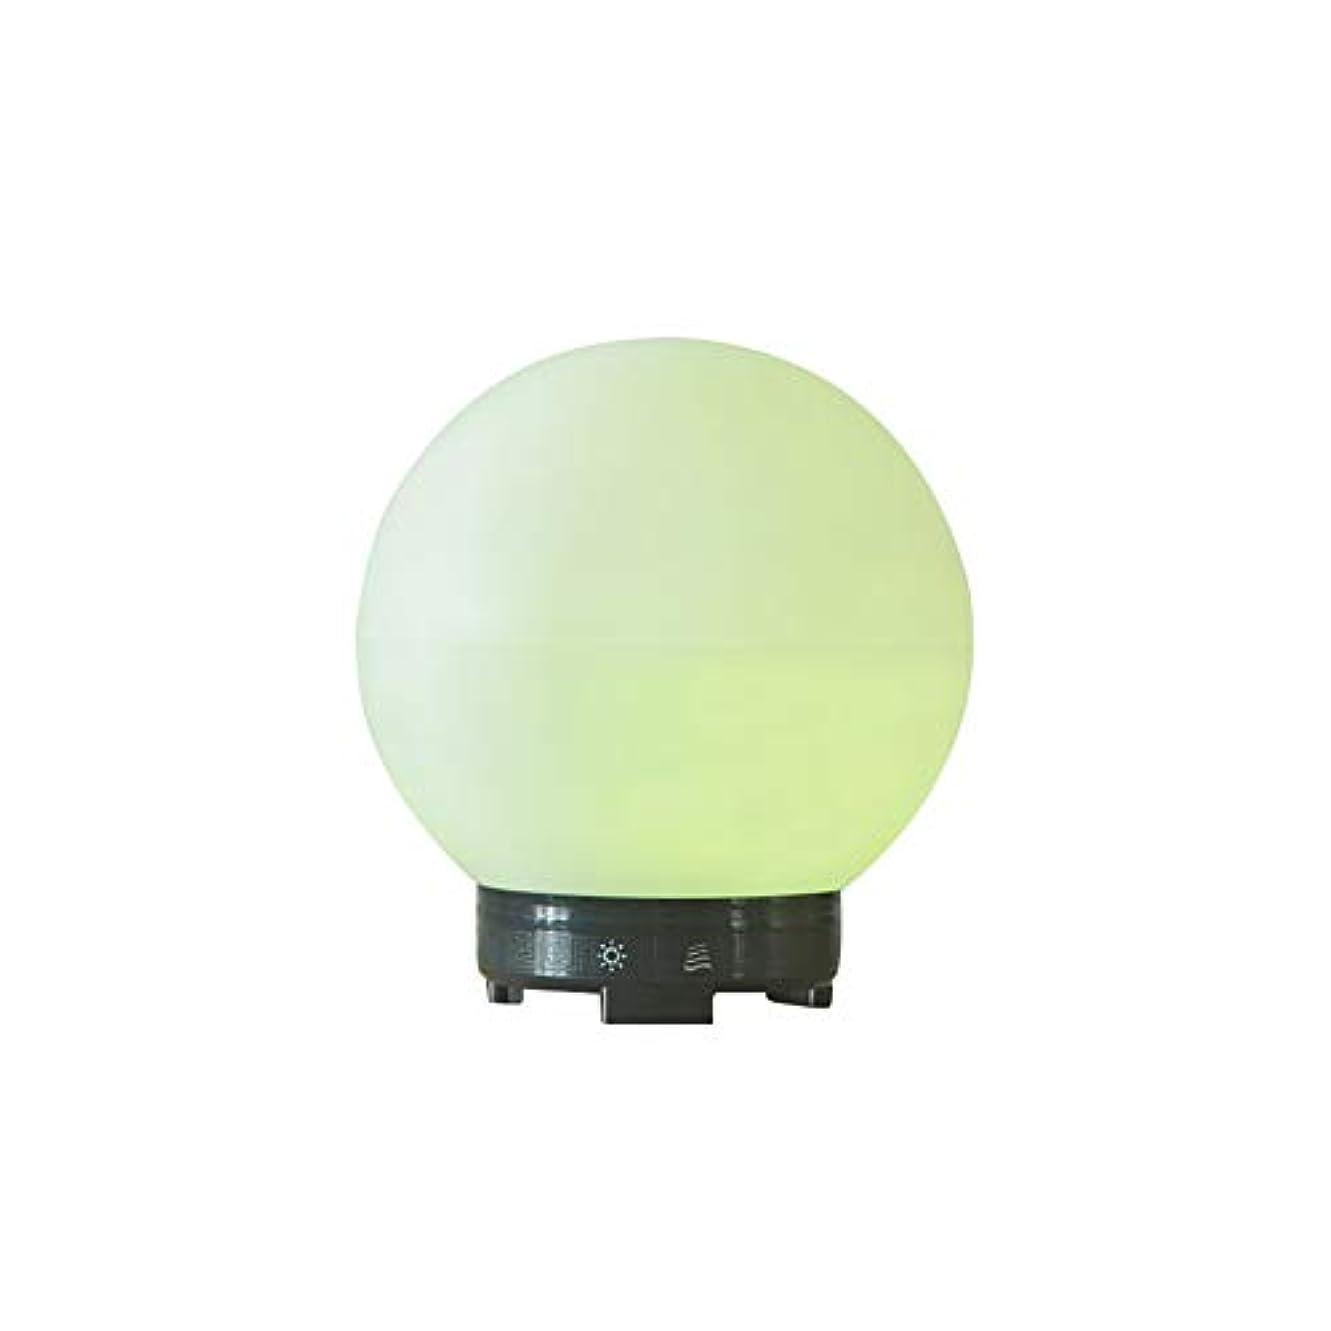 ポルトガル語入口制約エッセンシャルオイルディフューザーと加湿器、ミストエッセンシャルオイルアロマ加湿器用の超音波アロマディフューザー、7色LEDライト